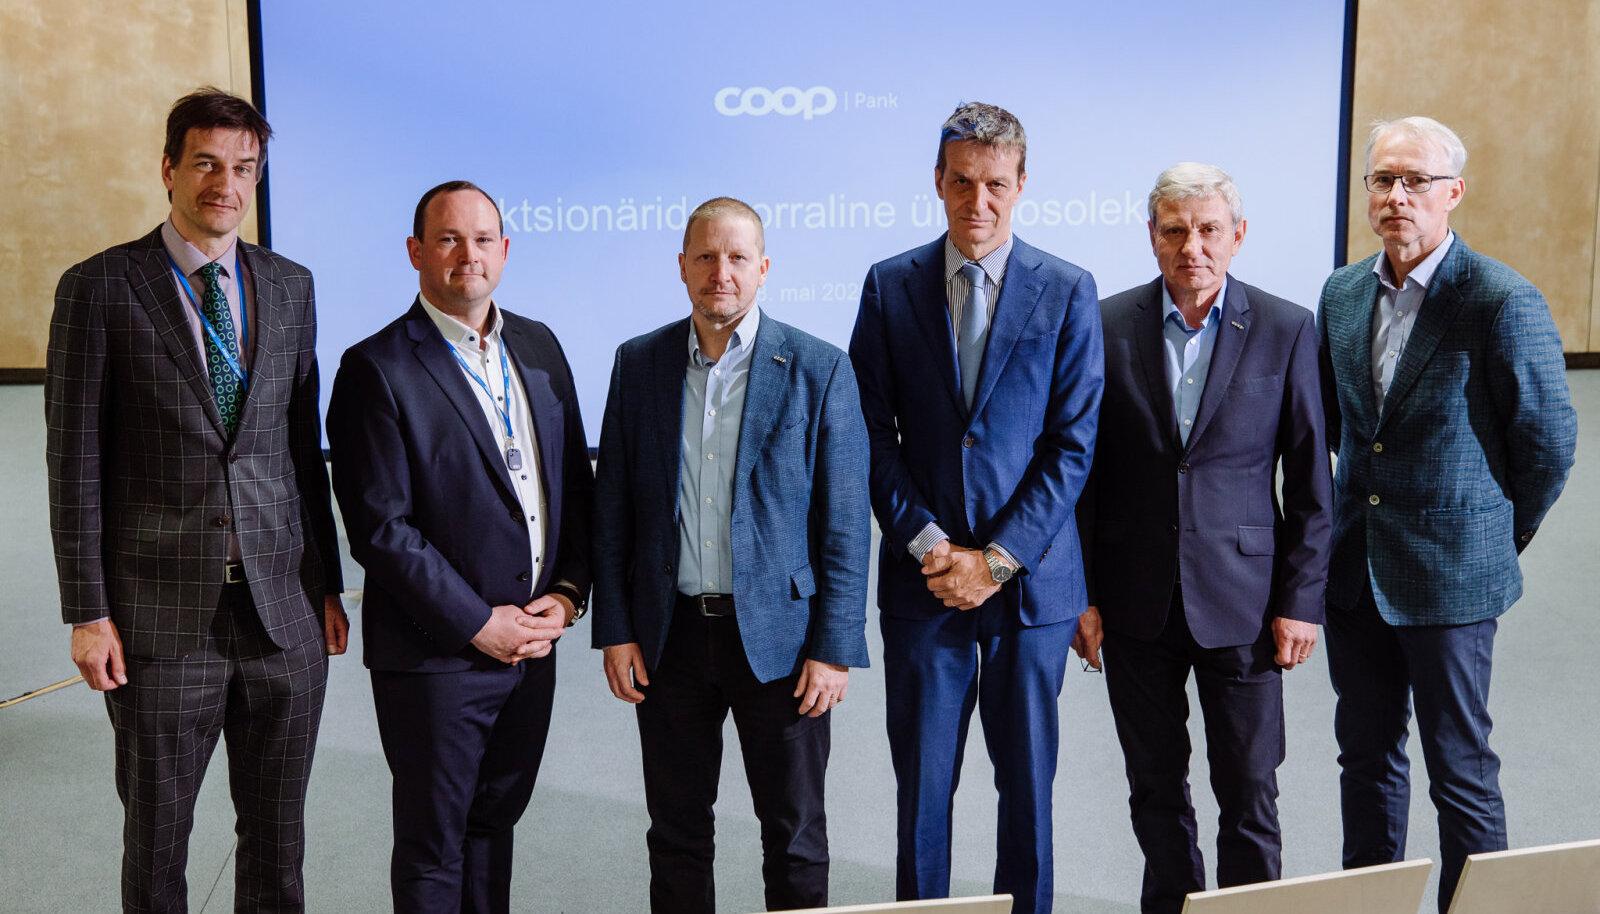 Новые члены совета Coop Pank слева направо: Рауль Паруск, Сильвер Куус, Ало Иваск, Ардо Ханссон, Яан Марьюнди и Роман Провоторов